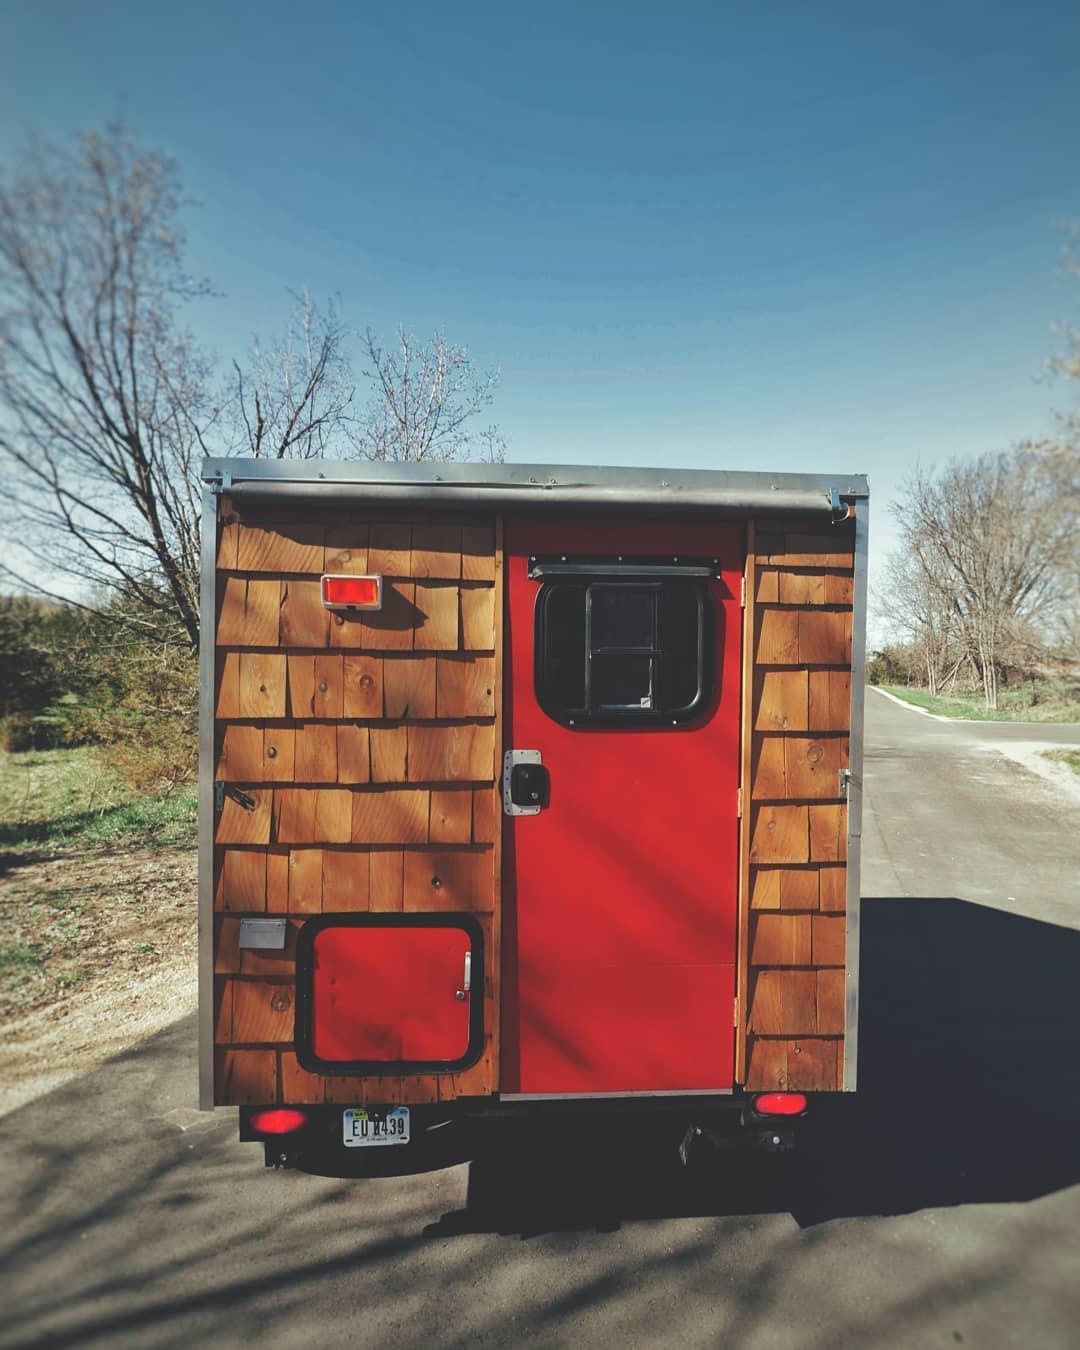 teardrop trailer being towed